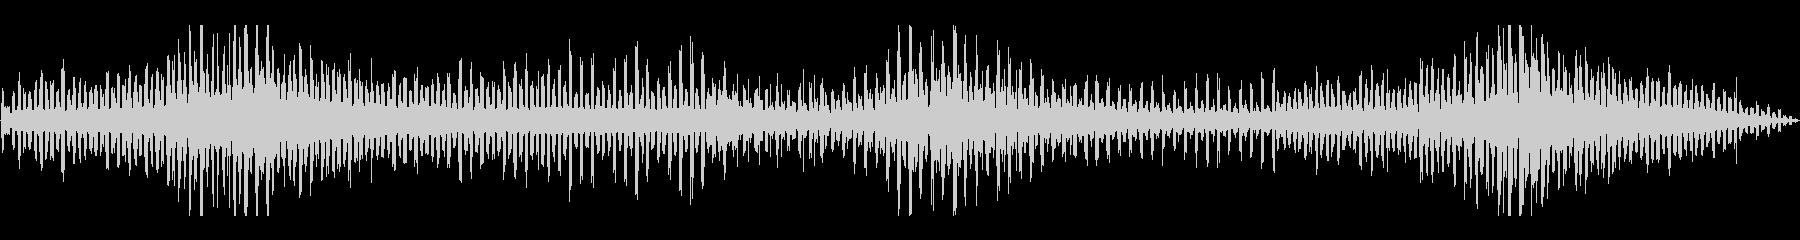 フランジ付きWHIRLYGIGの未再生の波形